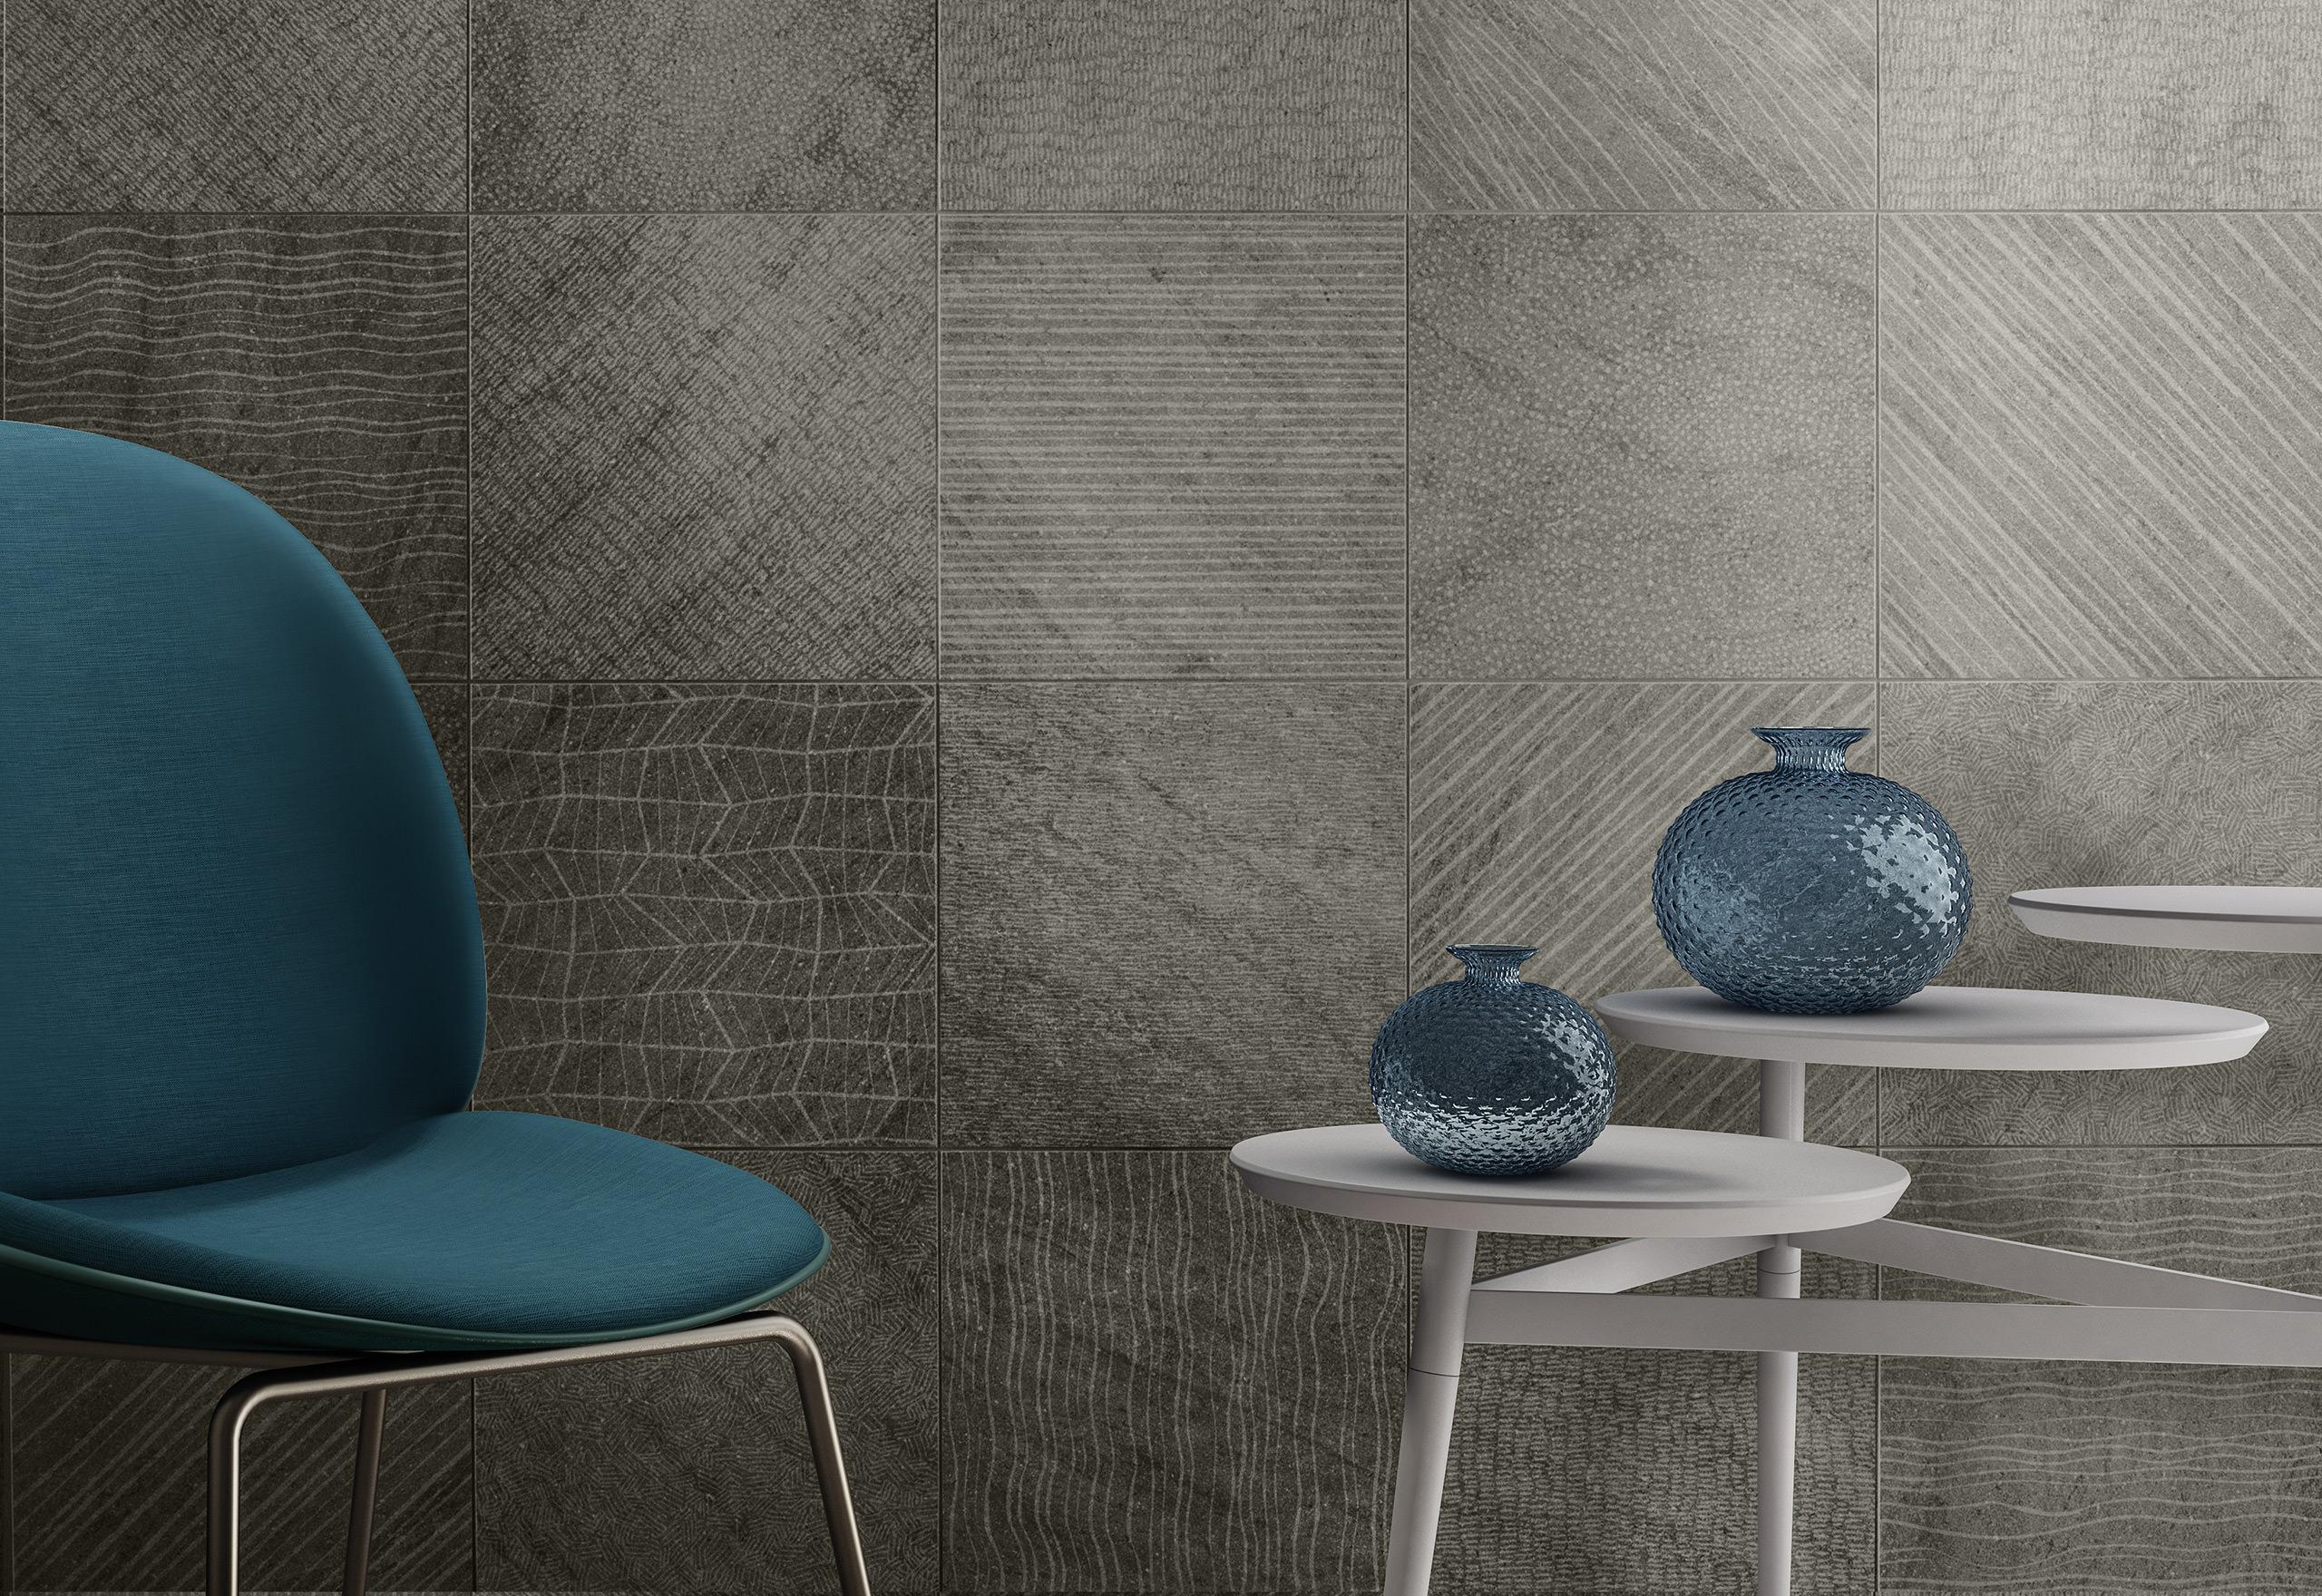 Rendering esterni interni fotorealistici Caesar dettaglio parete grigia